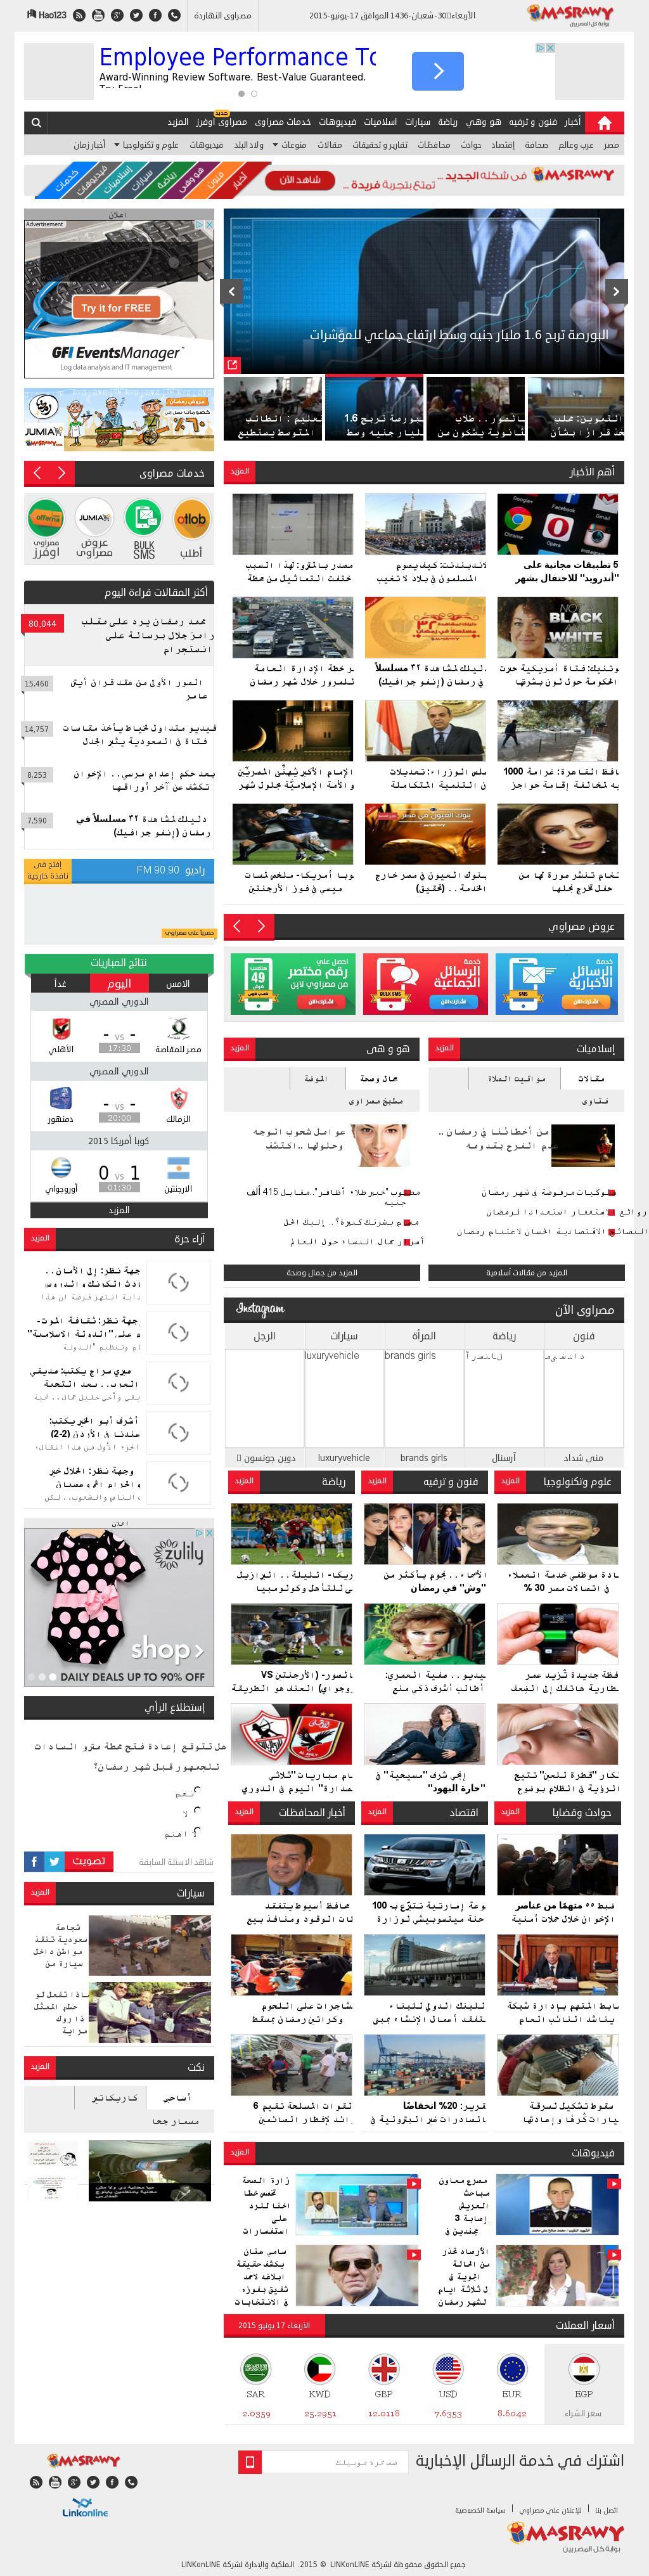 Masrawy at Wednesday June 17, 2015, 2:15 p.m. UTC